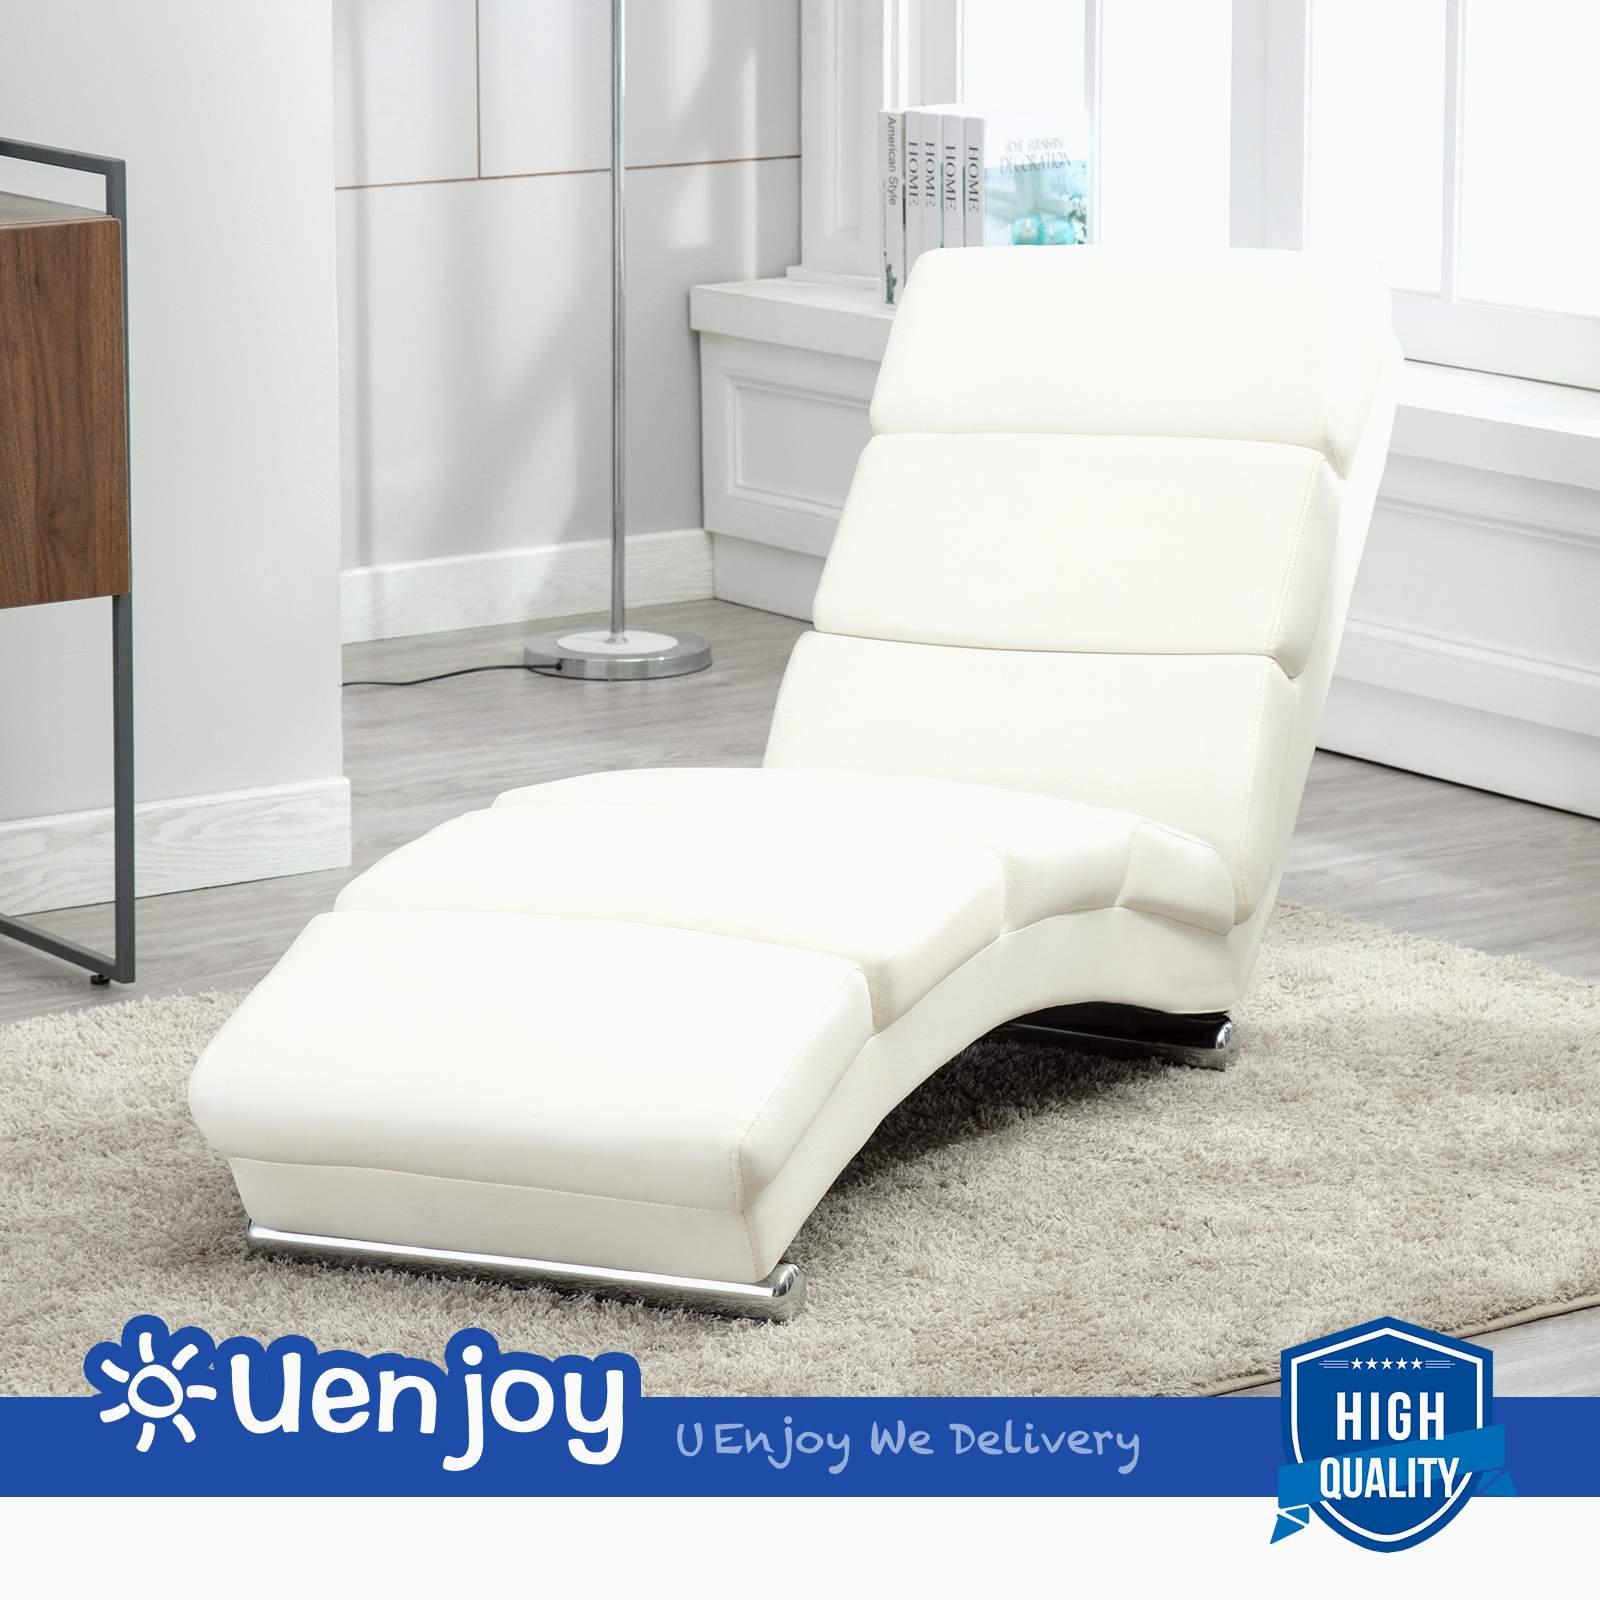 Full Size of Wohnzimmer Liegestuhl Designer Ikea Relax Relaxliege Schn Planen Der Grund Kommode Gardinen Für Deckenleuchte Vorhang Tapeten Ideen Vorhänge Hängeschrank Wohnzimmer Wohnzimmer Liegestuhl